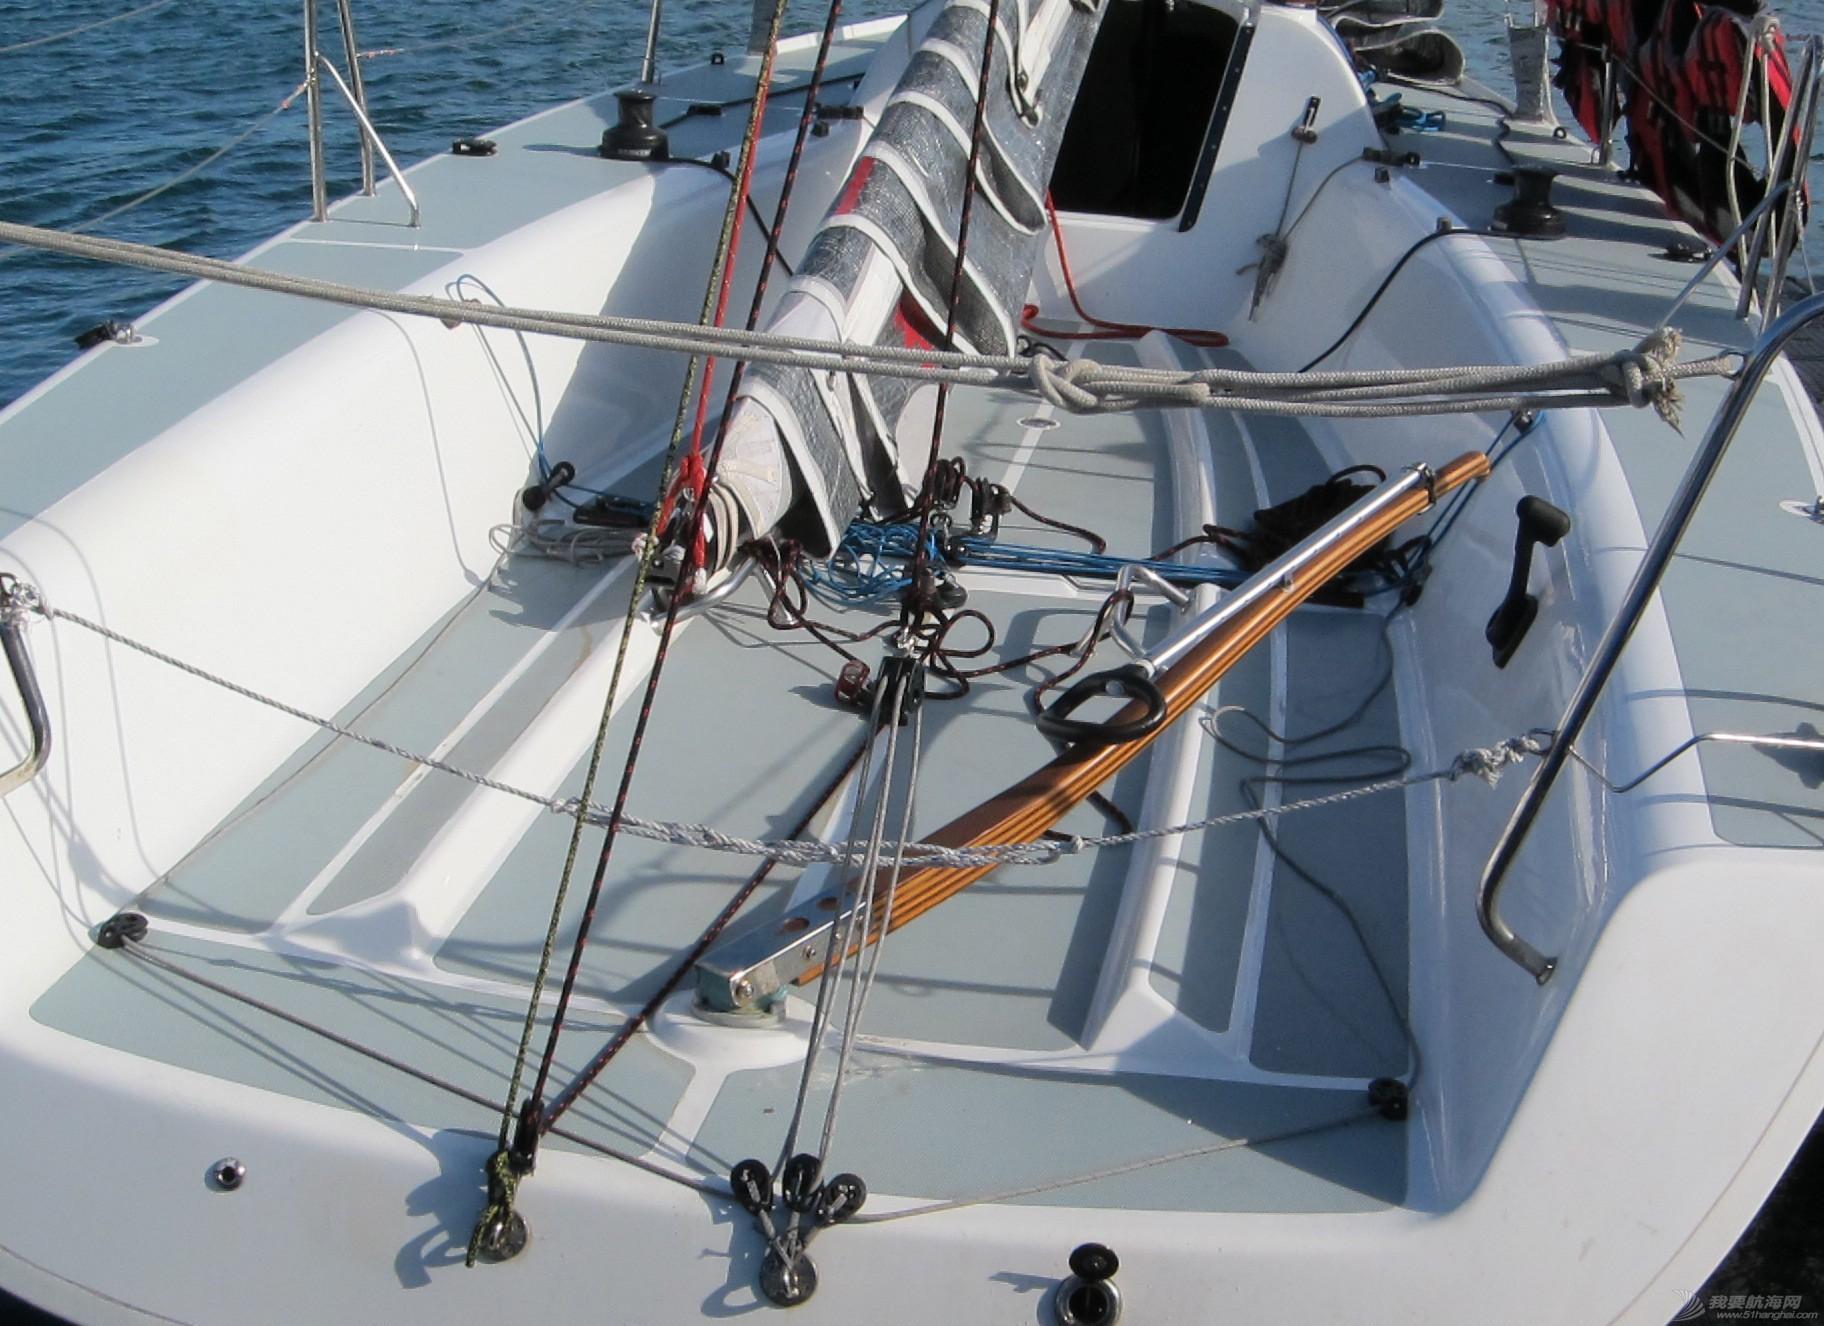 帆船,如何 如何开一艘现代帆船【帆友原创】 FvjAJV1QwpsKHku0cogDTPKwDAVB.jpg